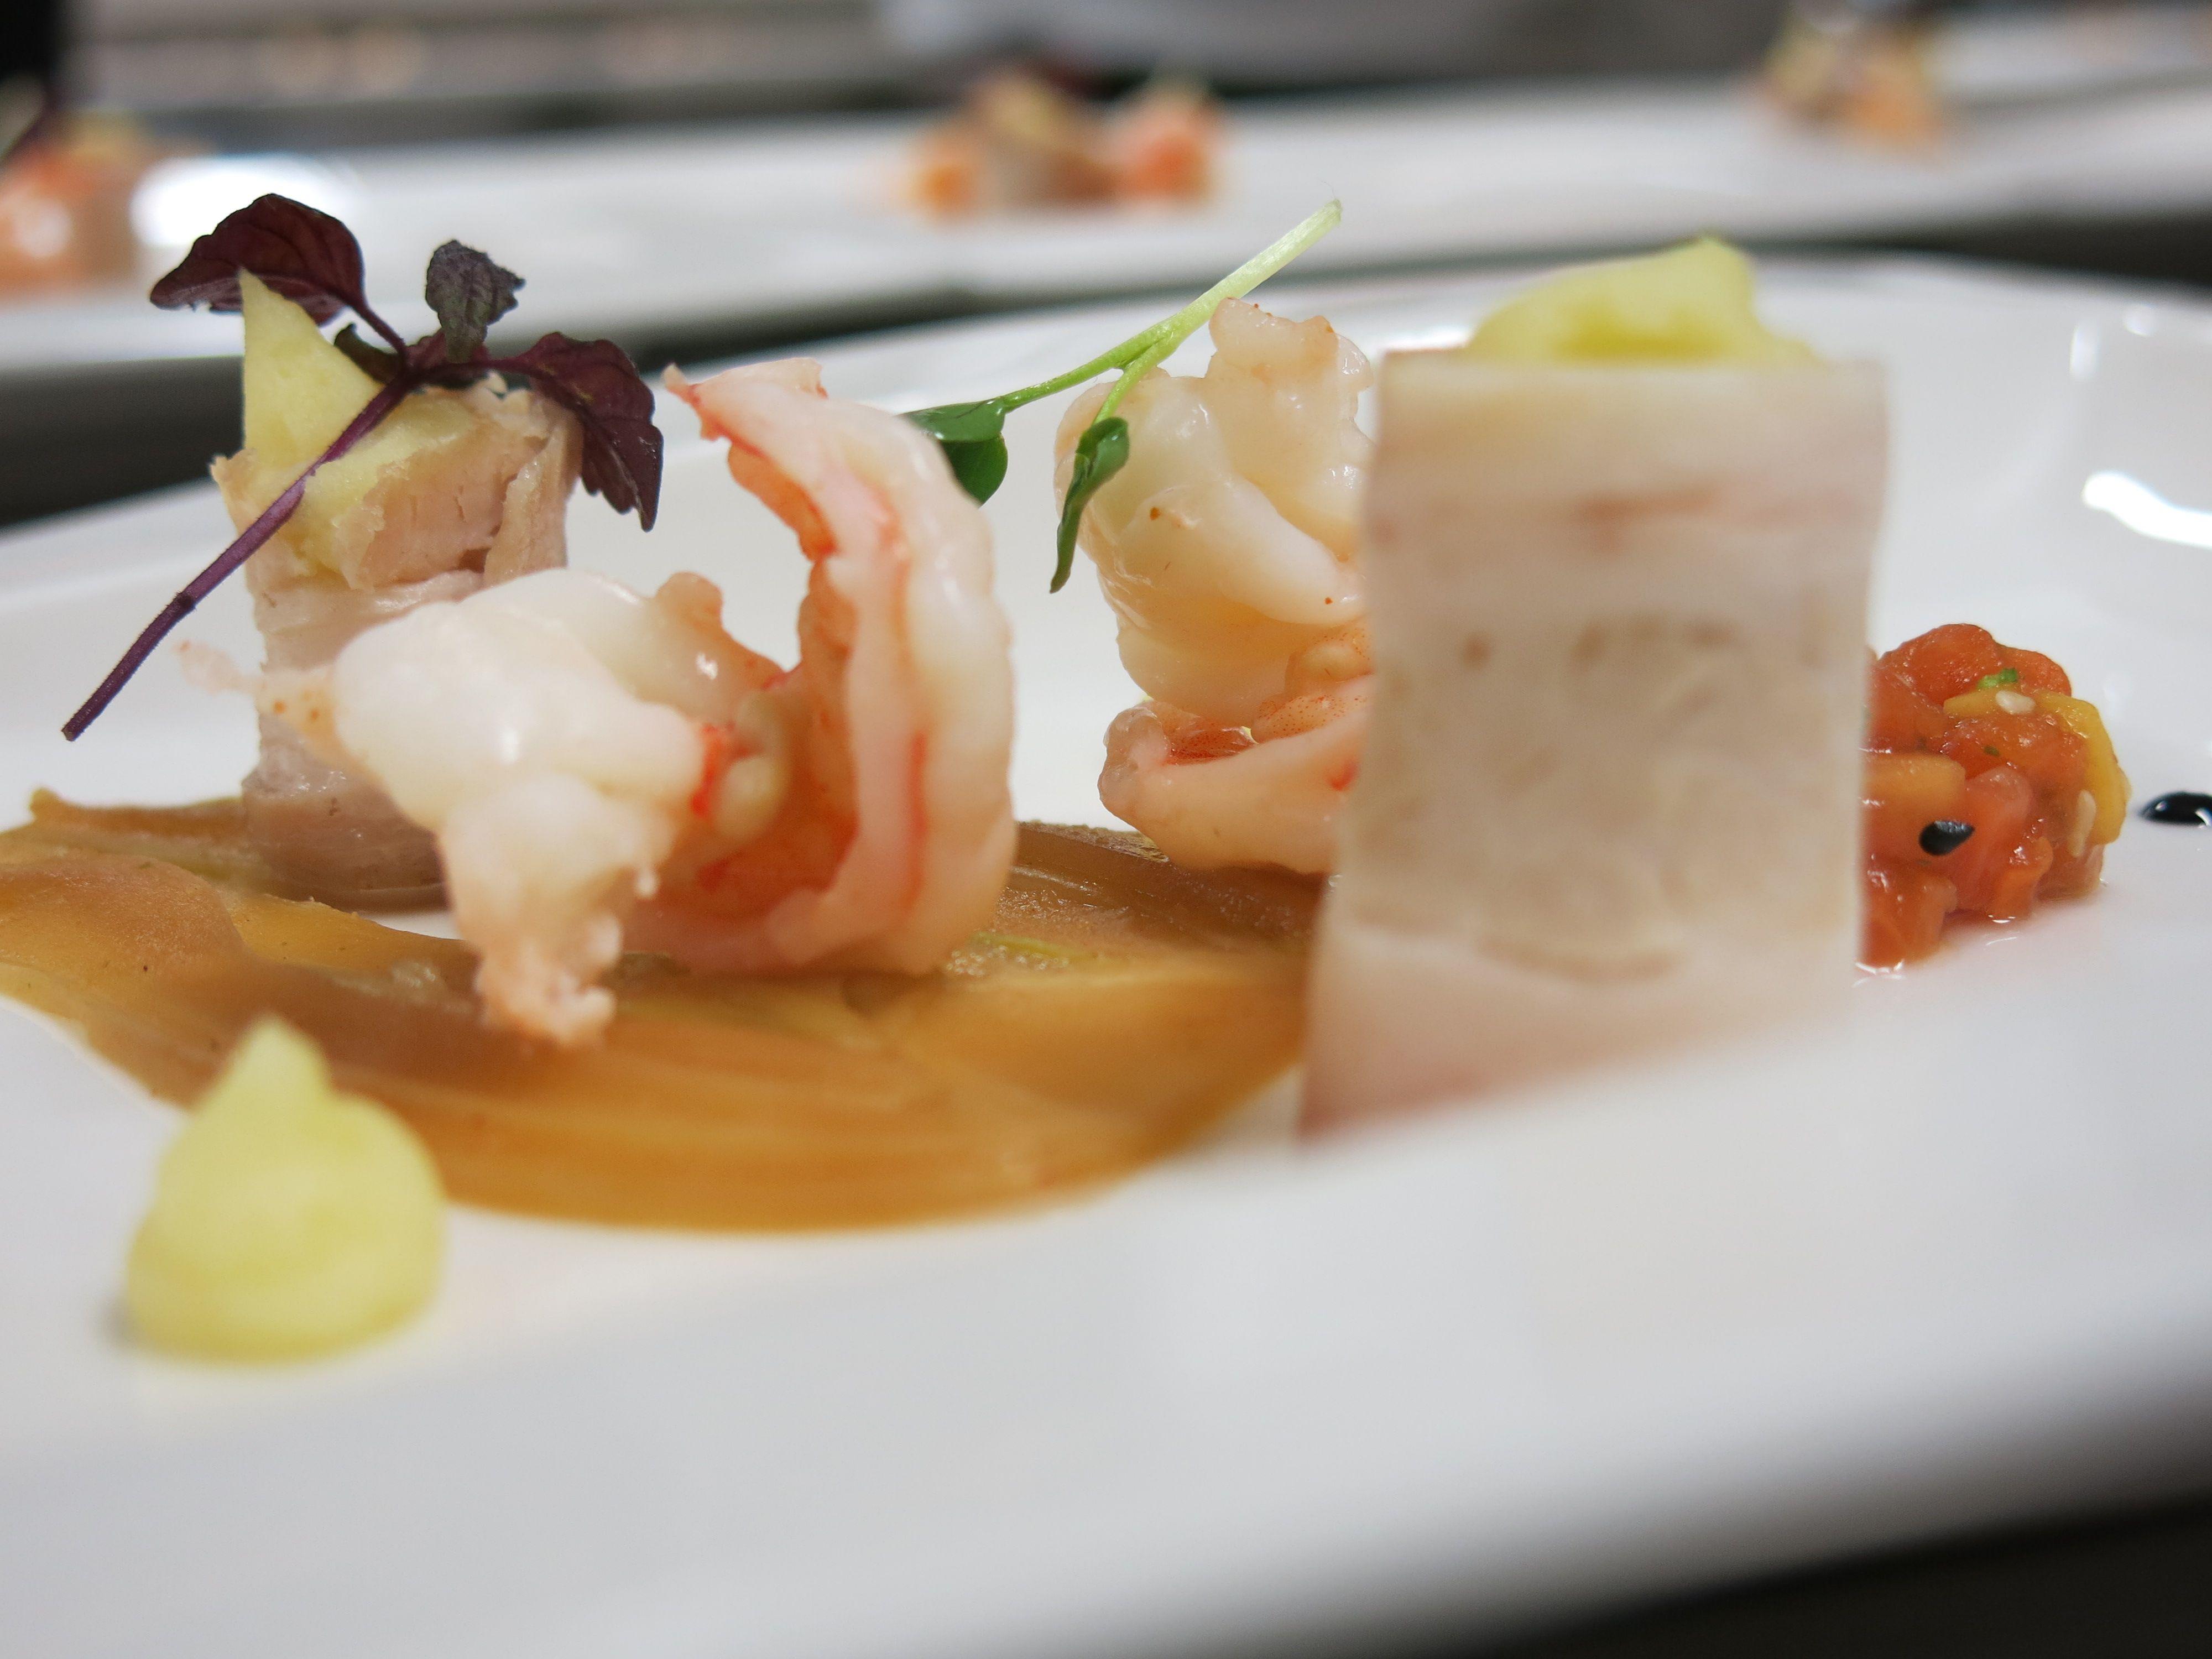 köstliche Spezialitäten von unserem Küchenchef Hr. Peringer